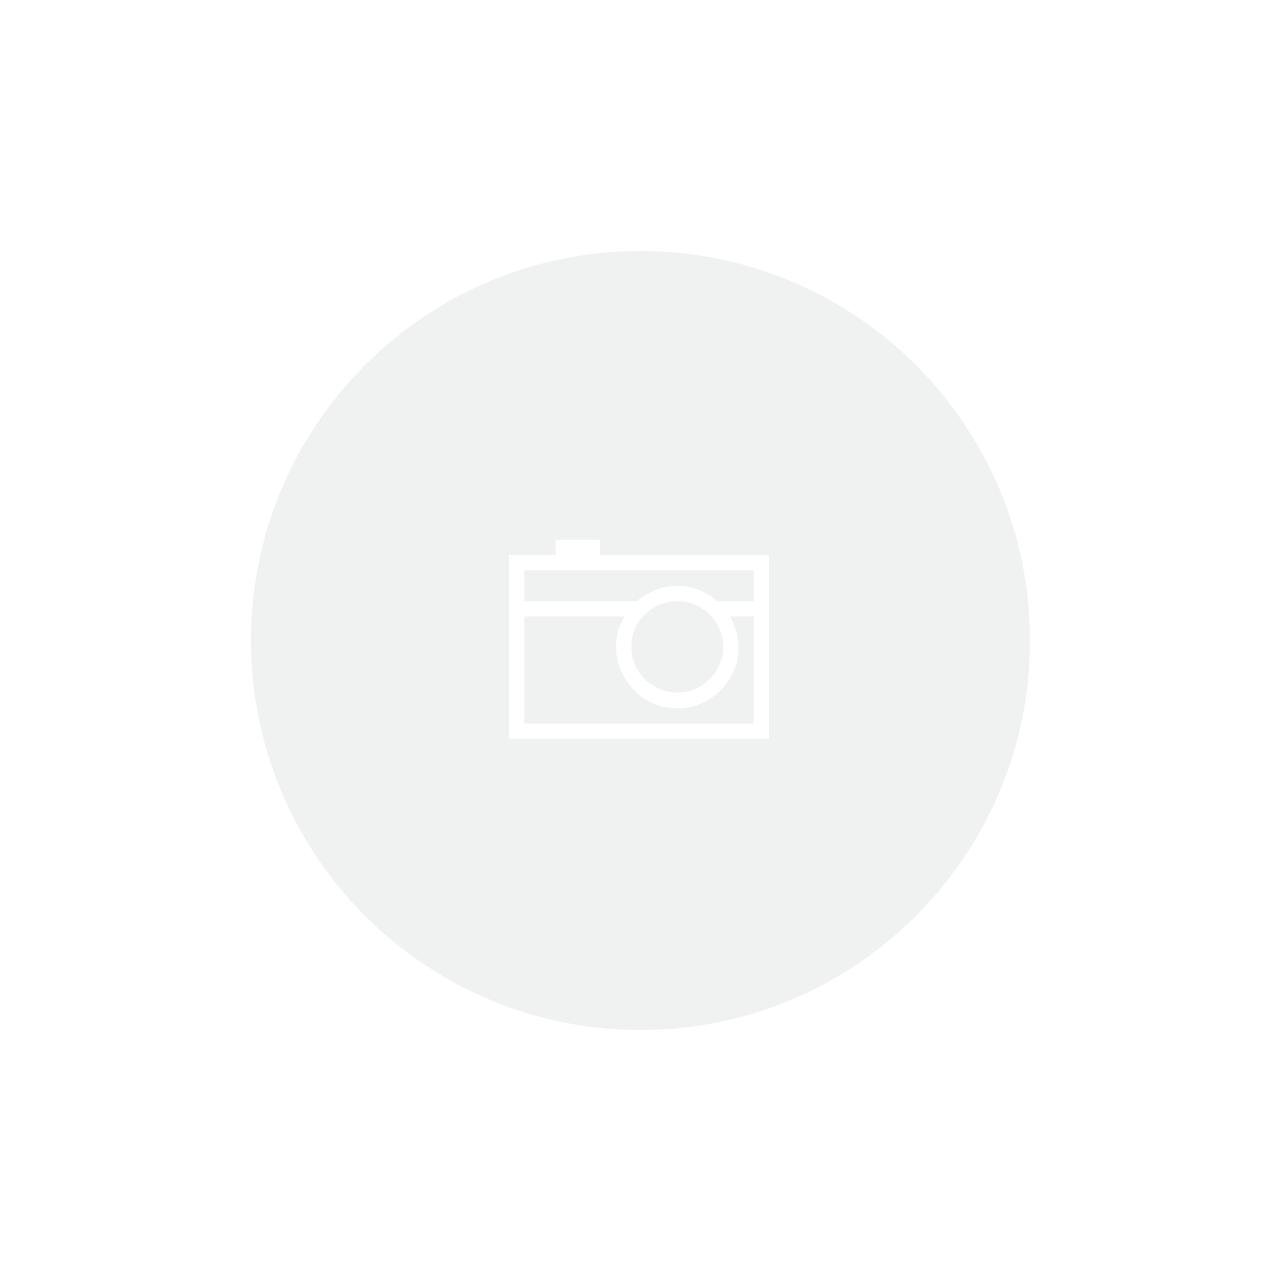 Caçarola ø10cm 0,3 Litro Vermelha Lyon Tramontina